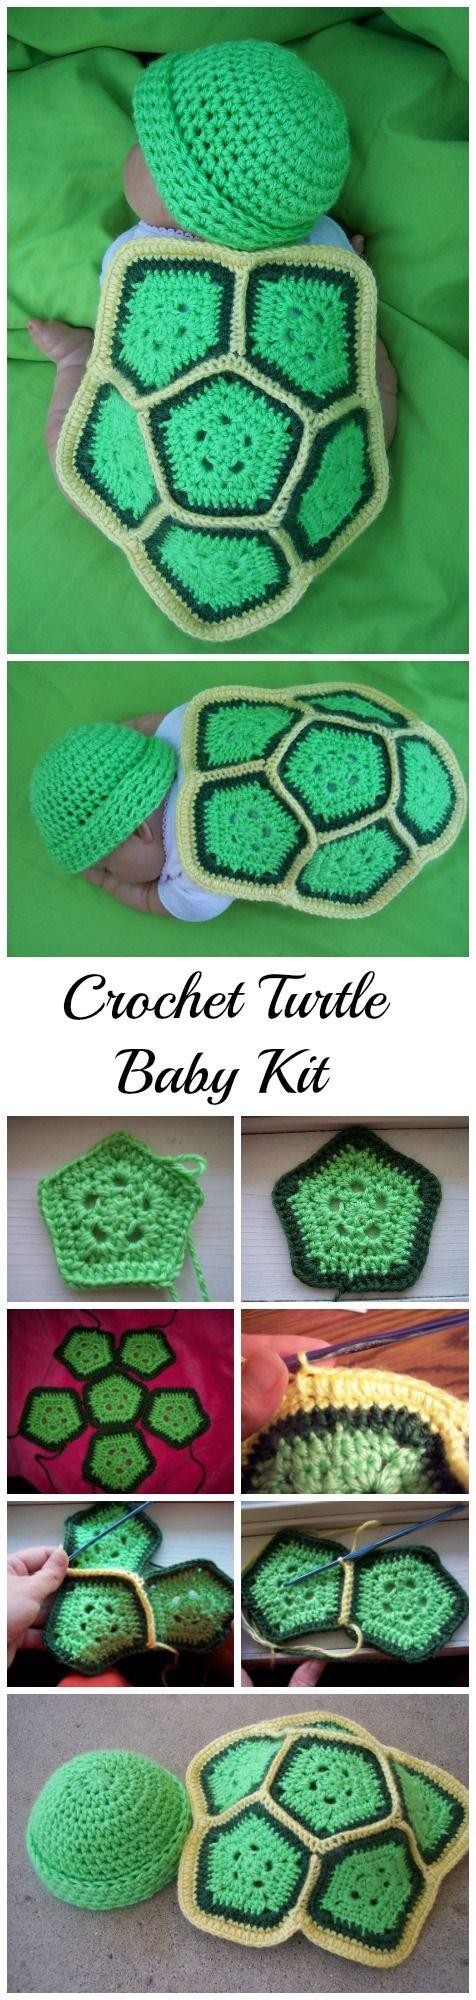 Crochet Turtle Love | Häkelideen, Stricken häkeln und Häkeln